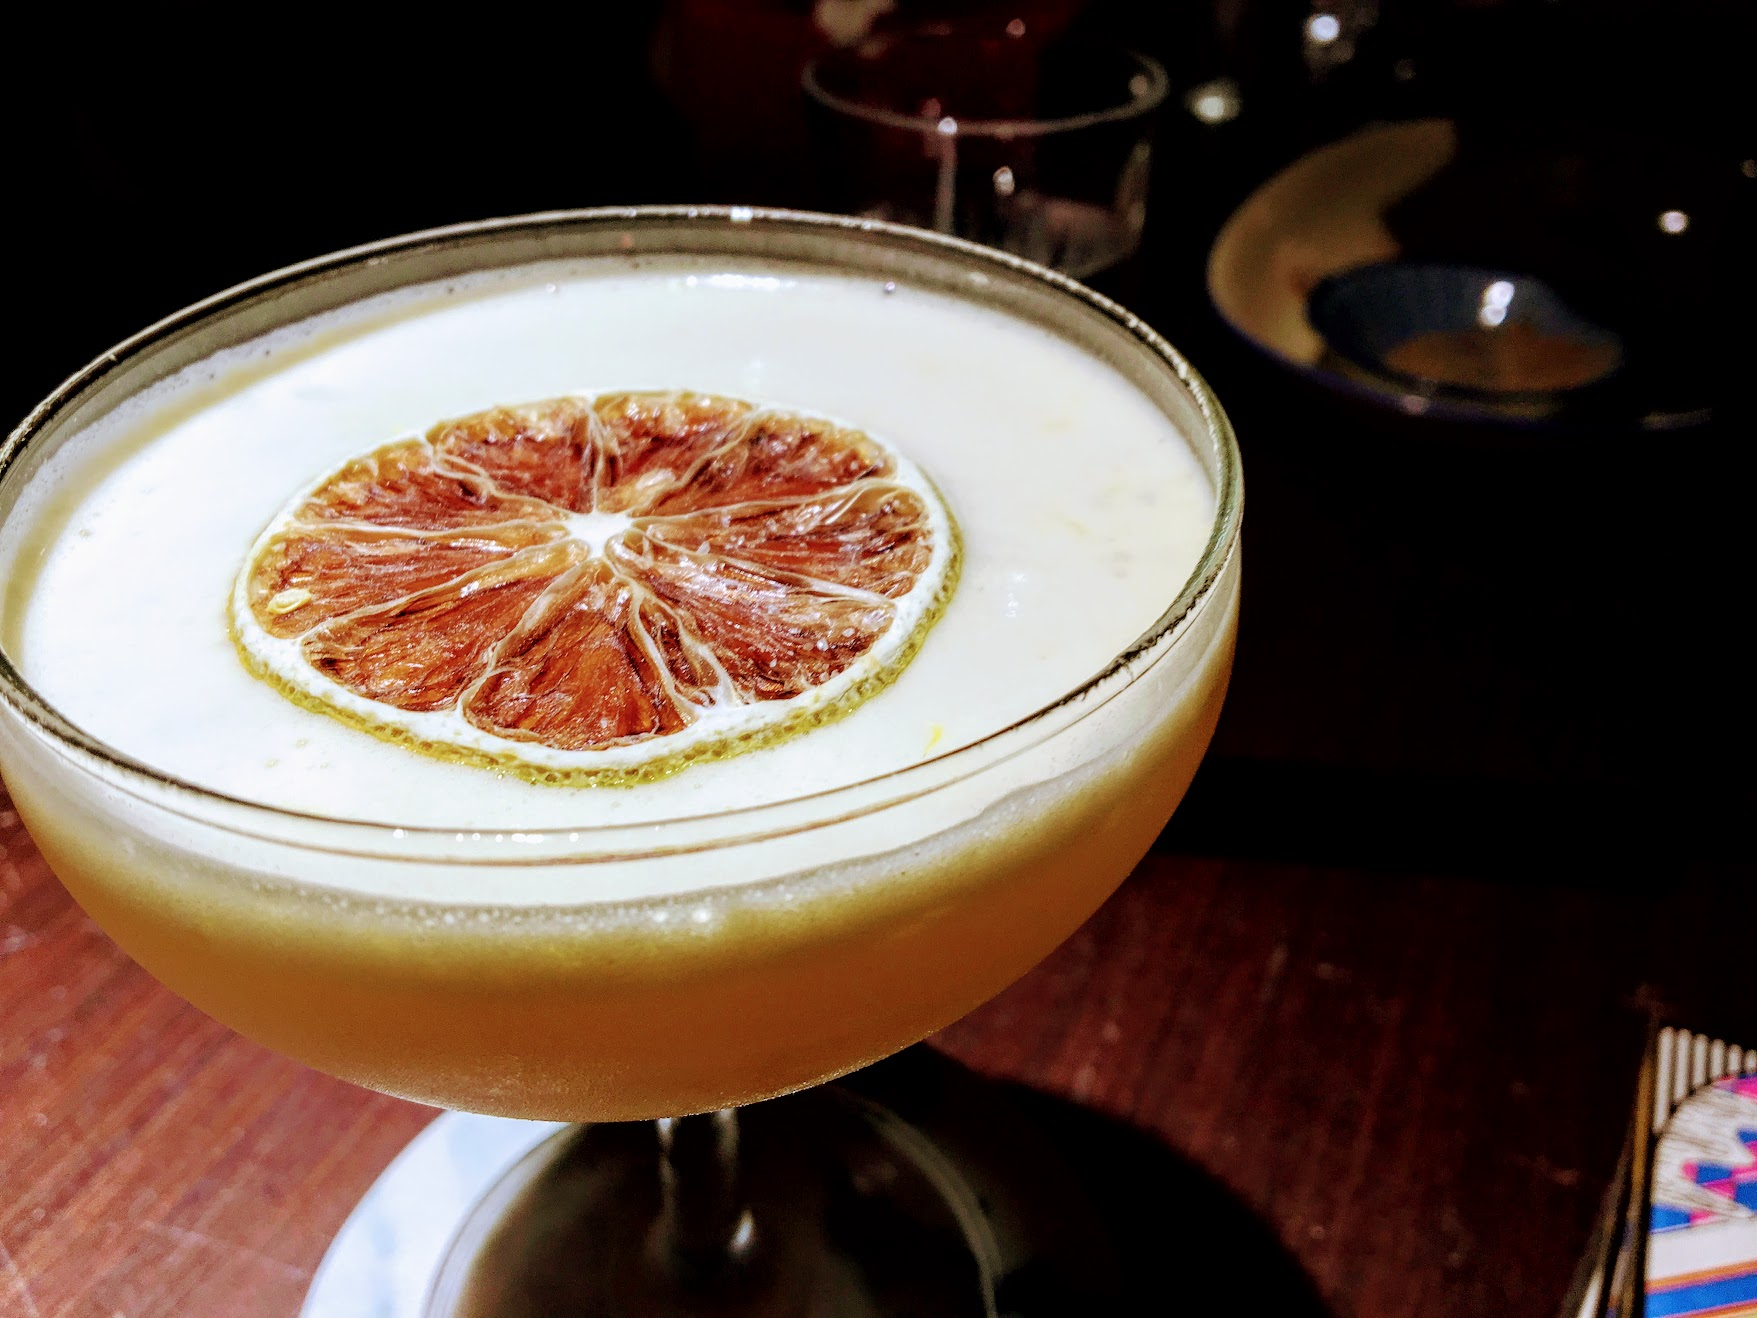 白蘭地做底的酒,顏色/喝起來有一點像蛋蜜汁說...XDD